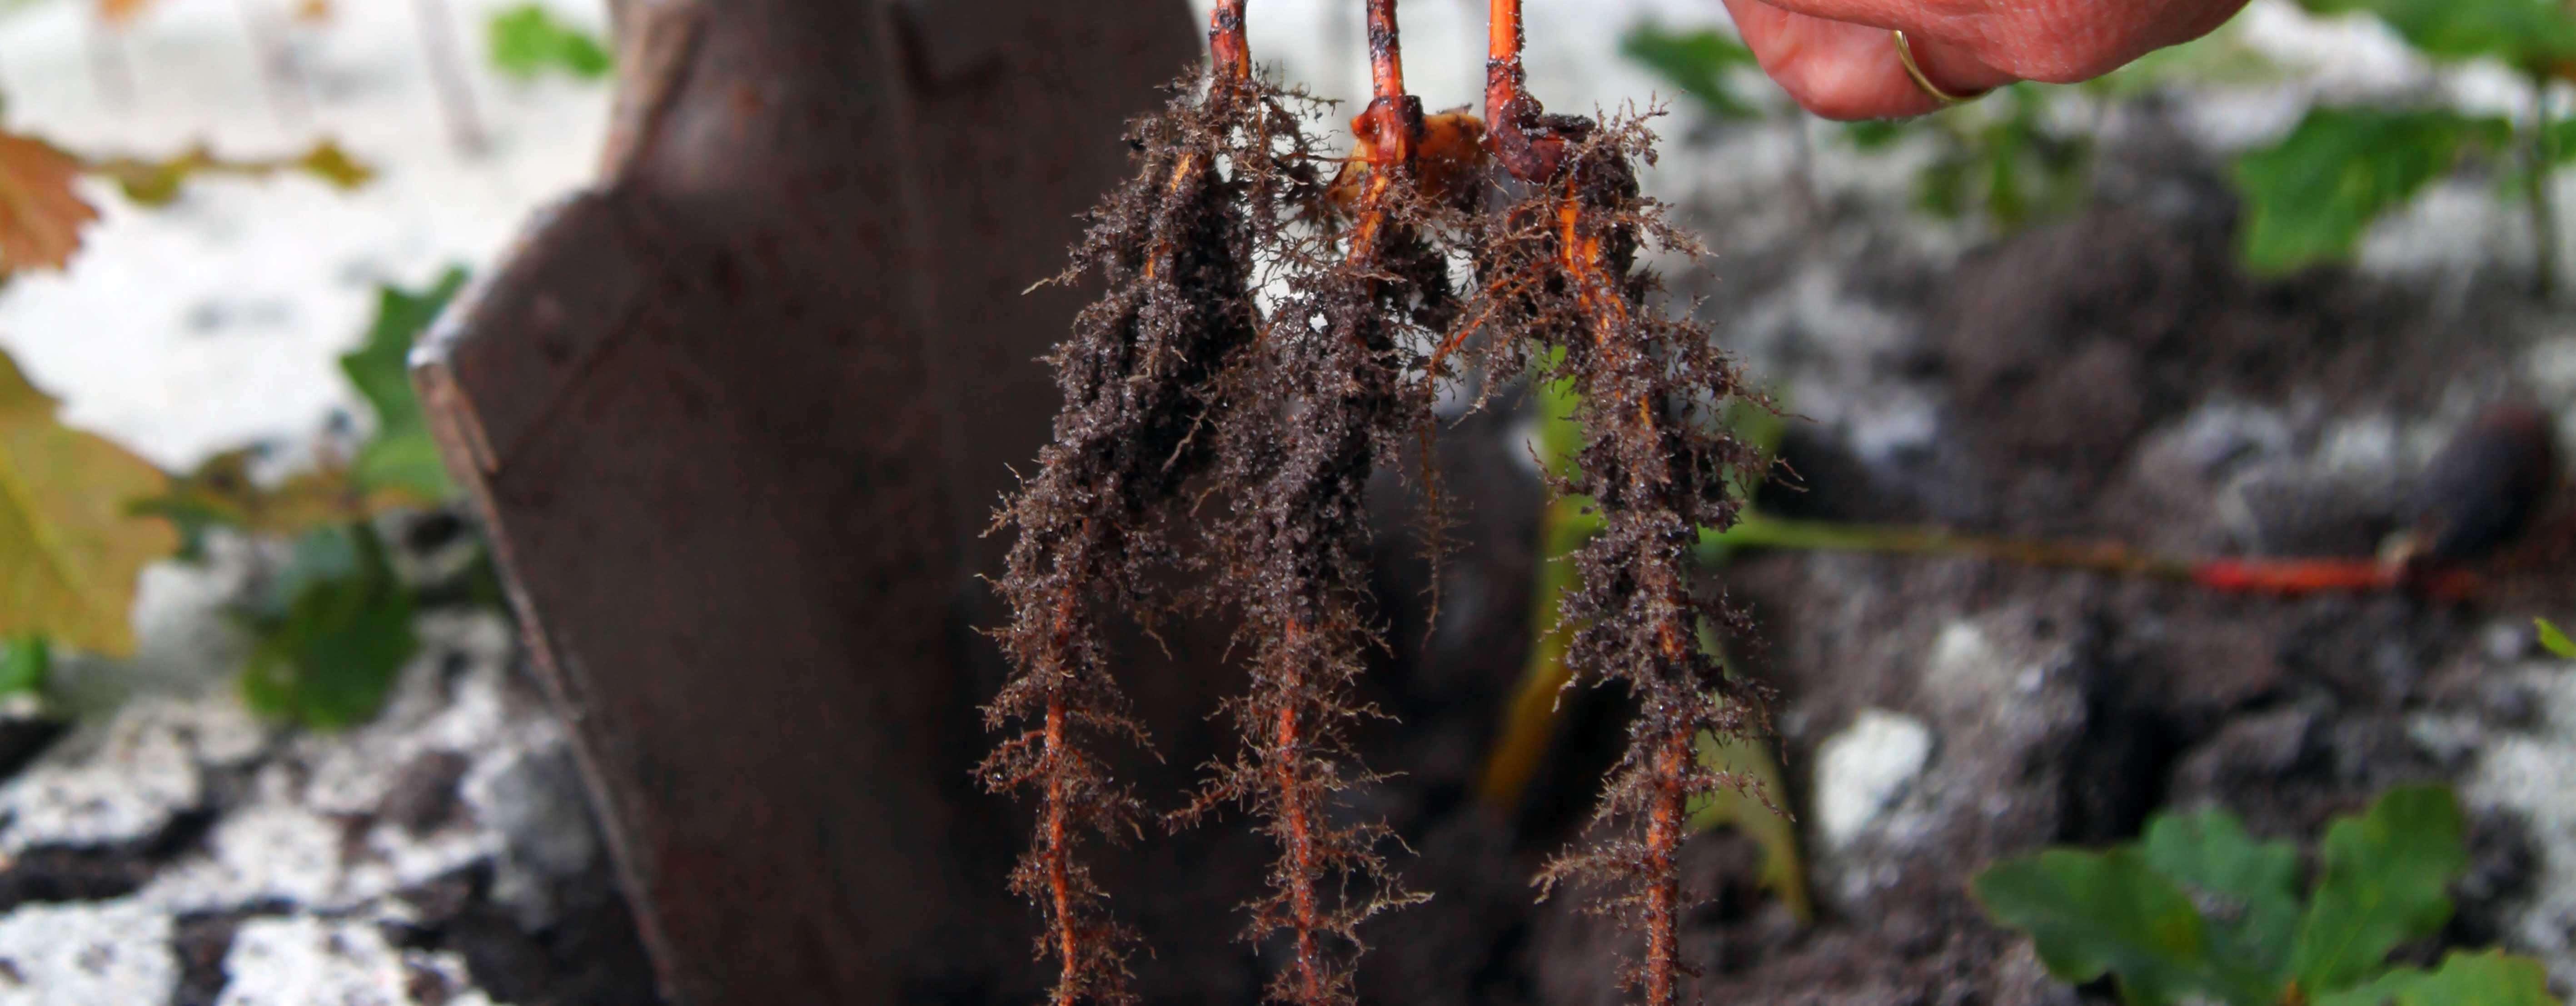 Jeunes plants racines nues